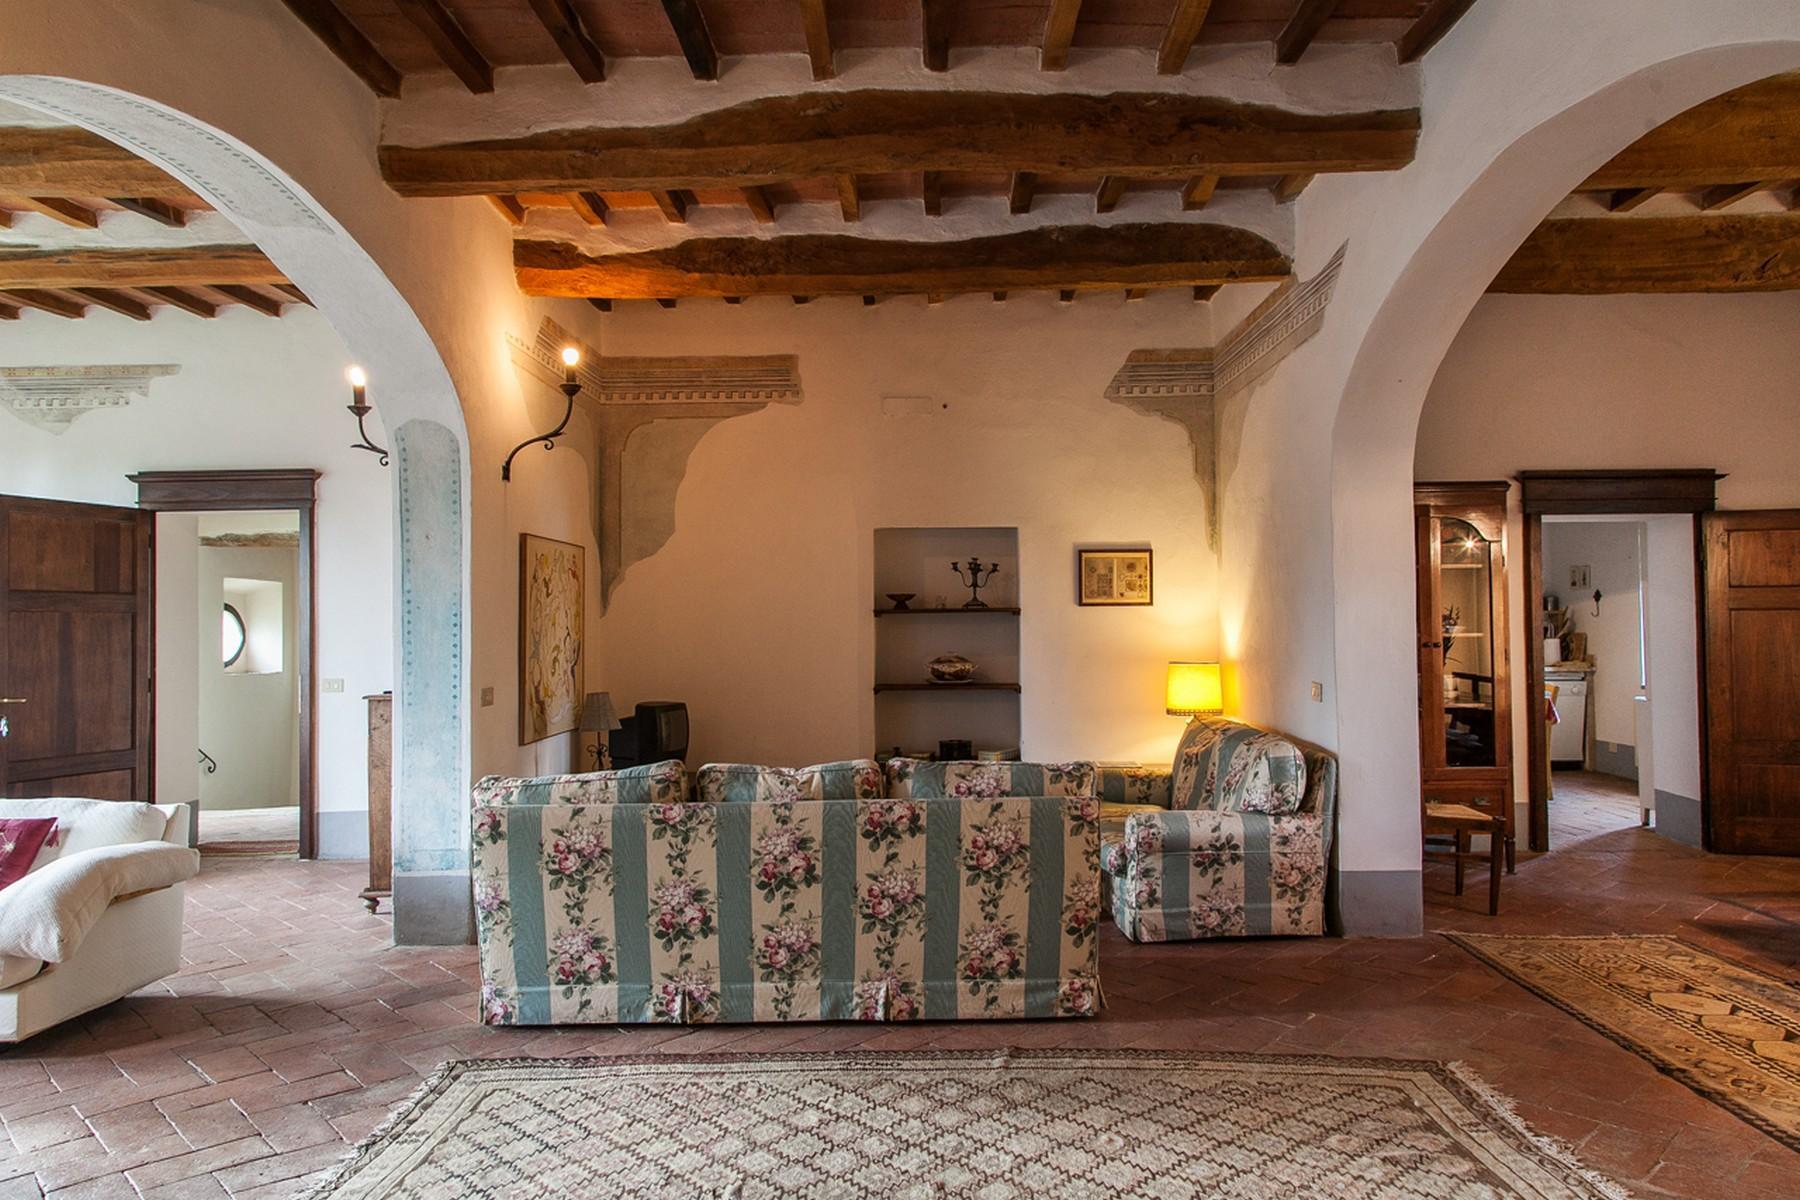 来自16世纪锡耶纳乡村优雅而古典的农舍 - 12